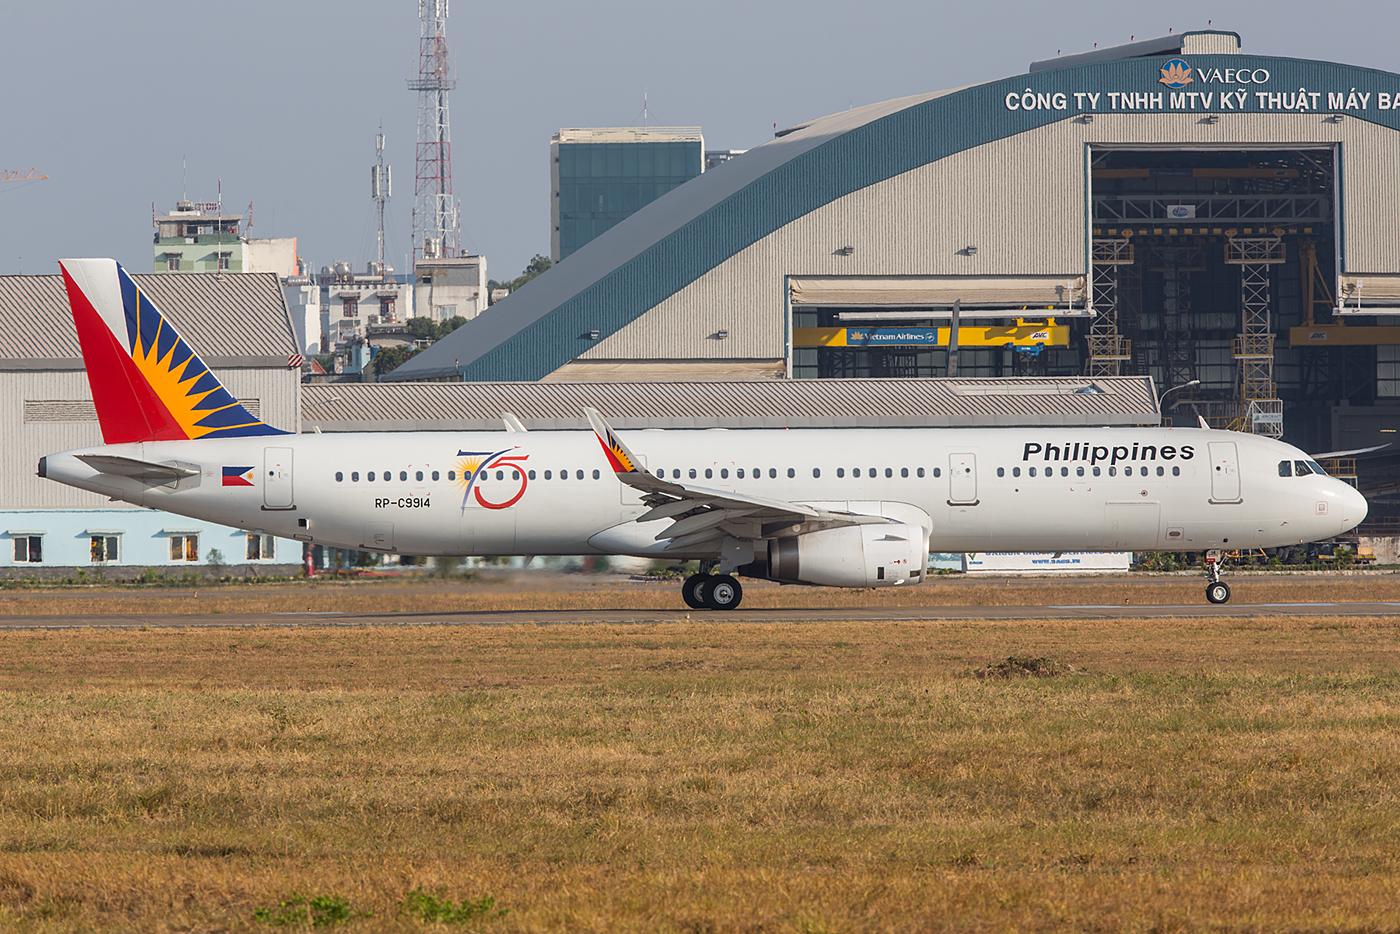 Philippines Airlines wird in diesem Jahr 75 Jahre alt.